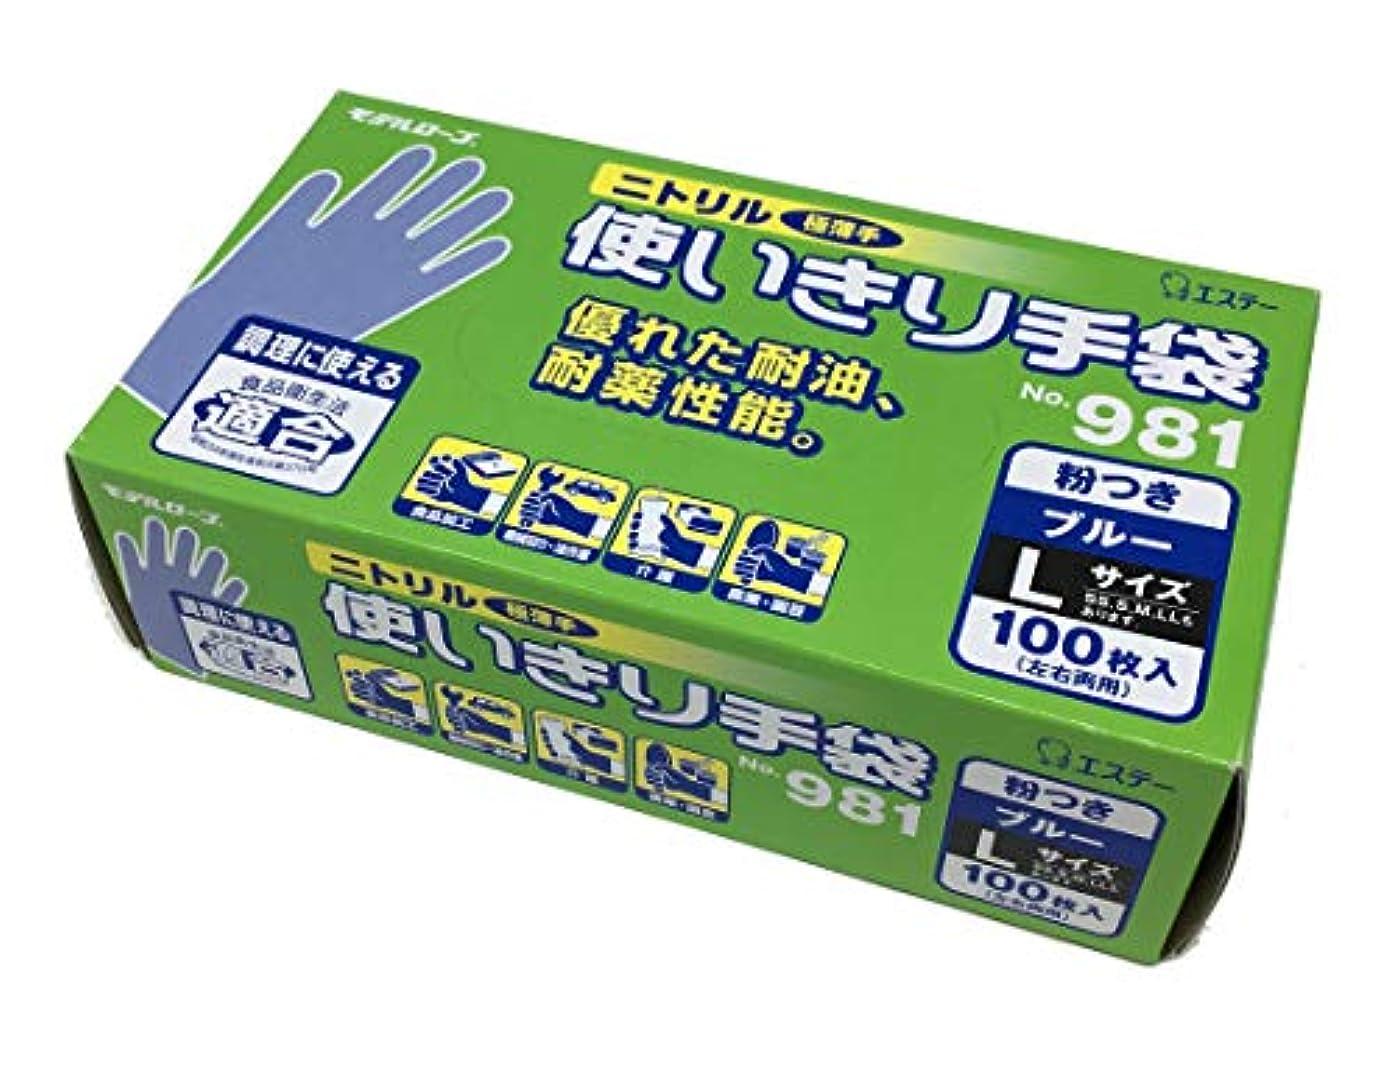 不誠実アリフィクションエステー 二トリル手袋 粉付(100枚入)L ブルー No.981